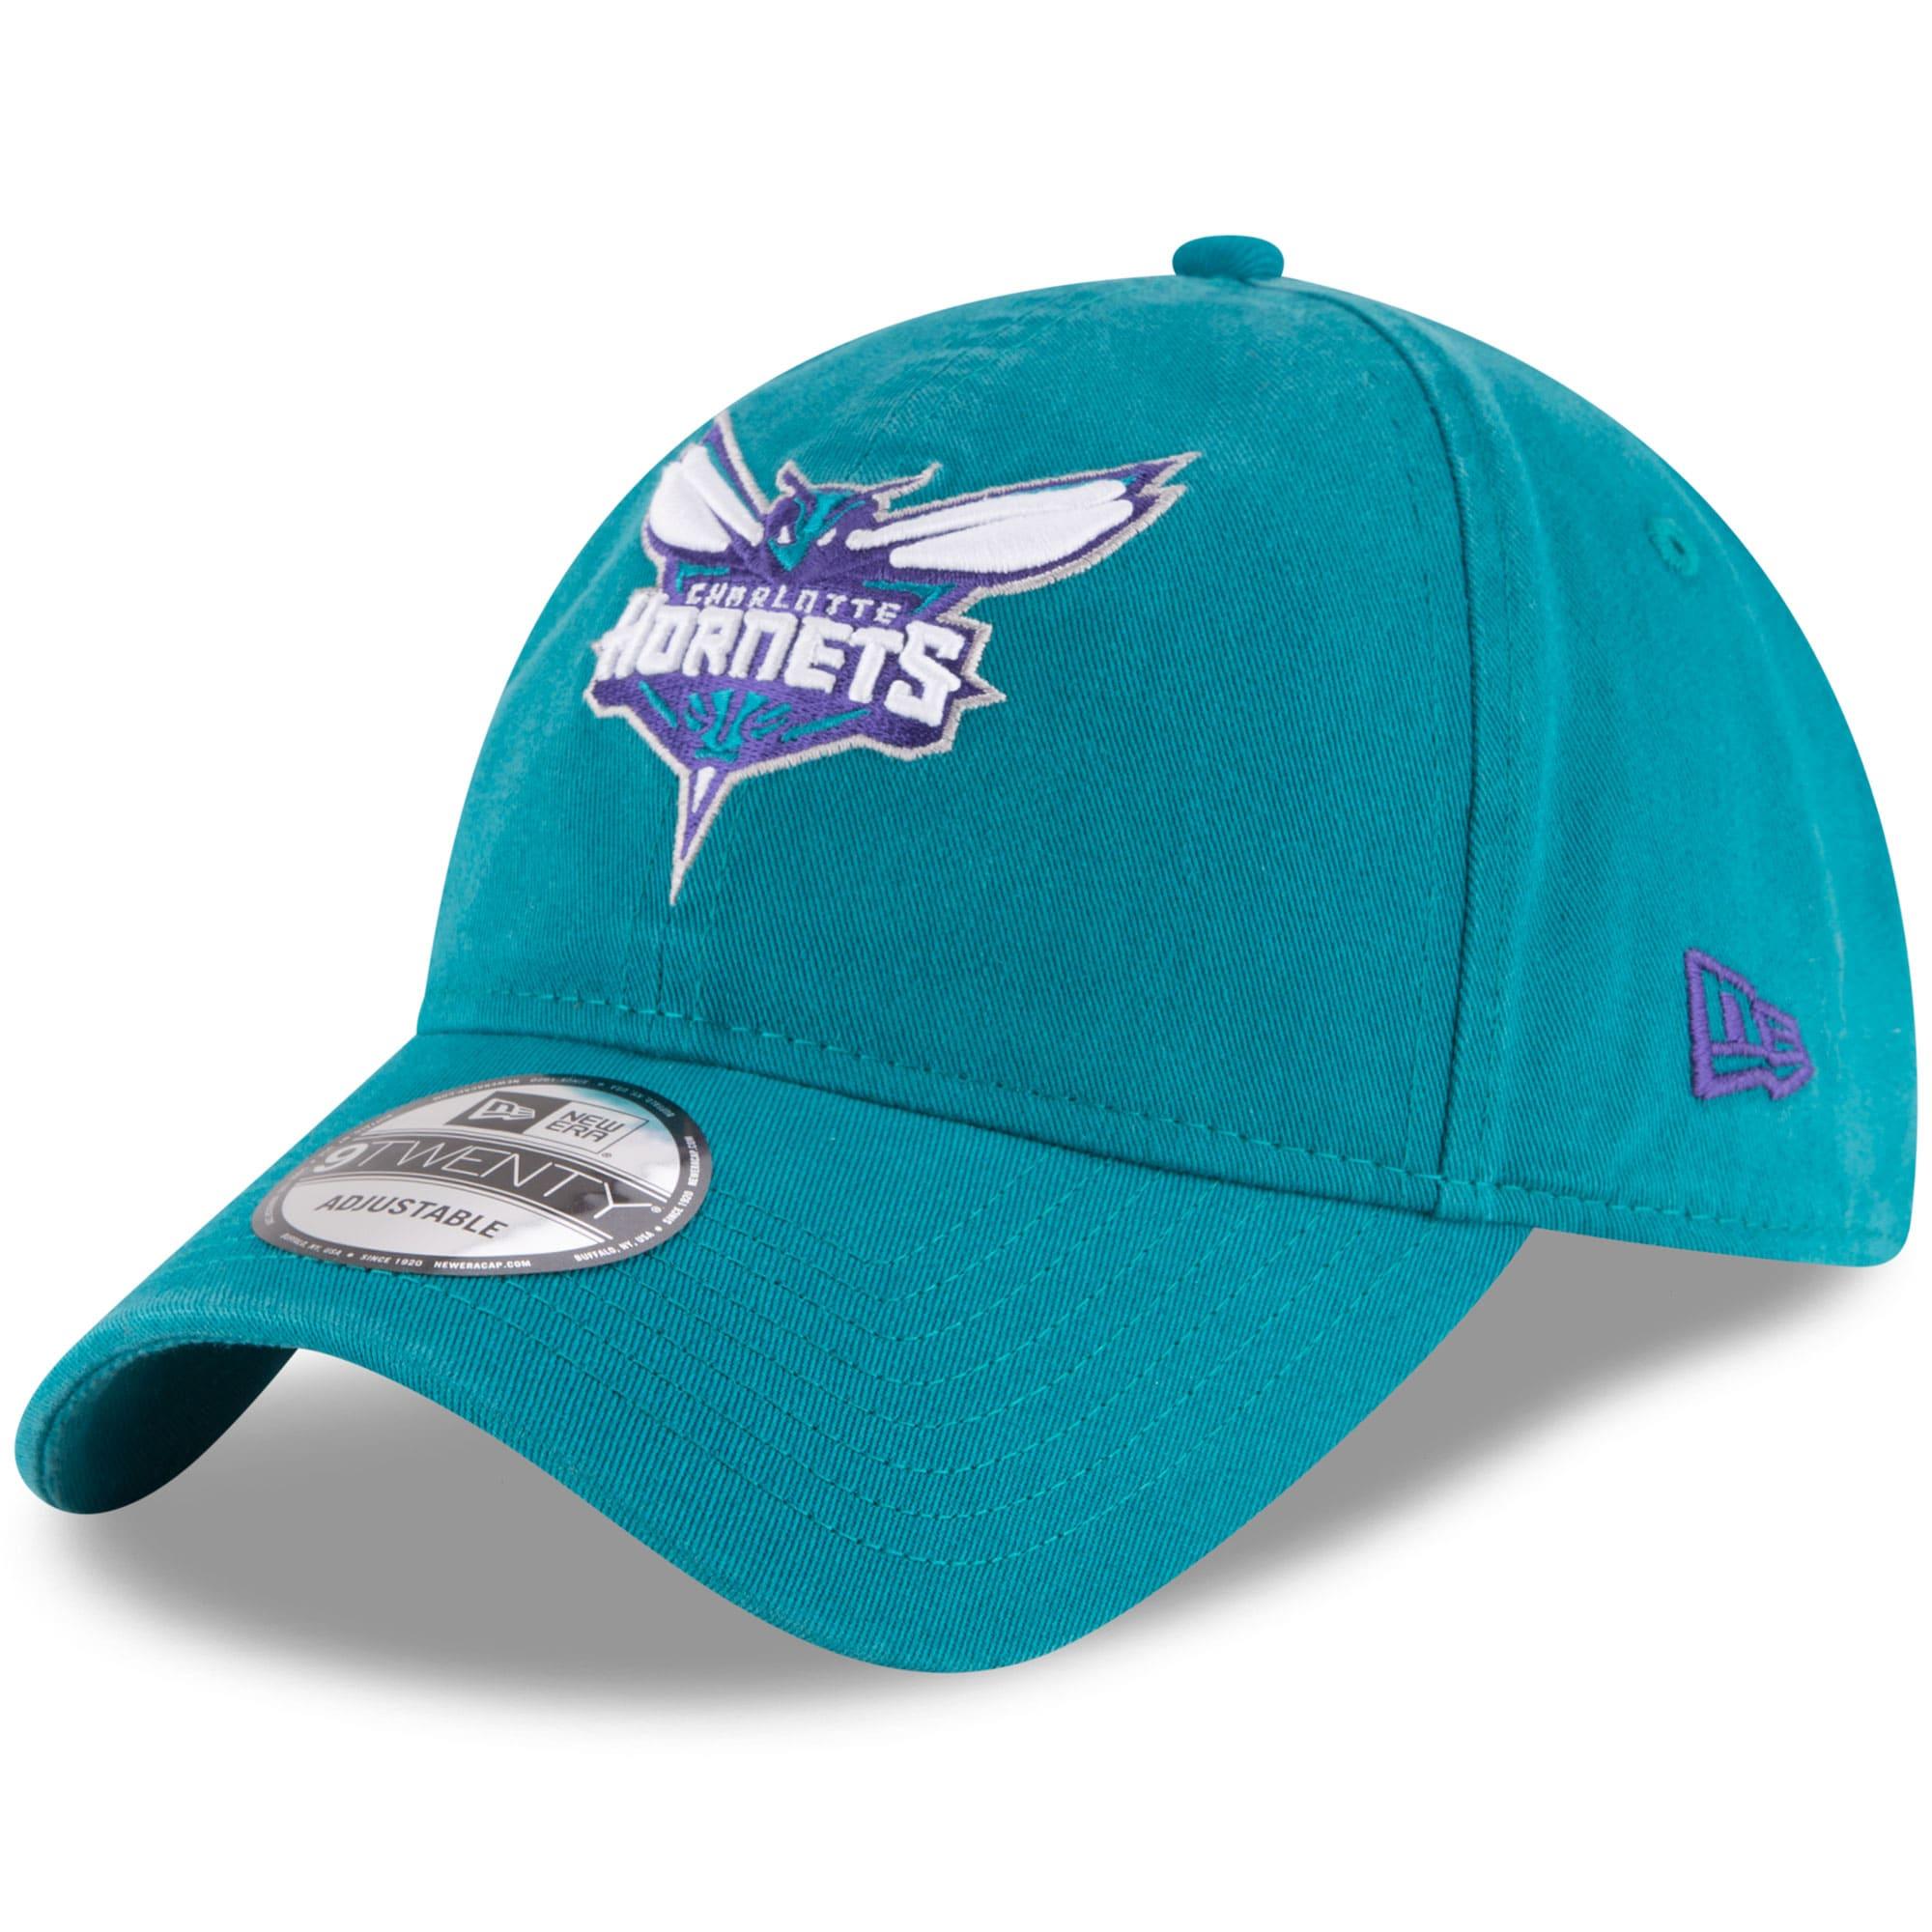 Charlotte Hornets New Era Official Team Color 9TWENTY Adjustable Hat - Teal